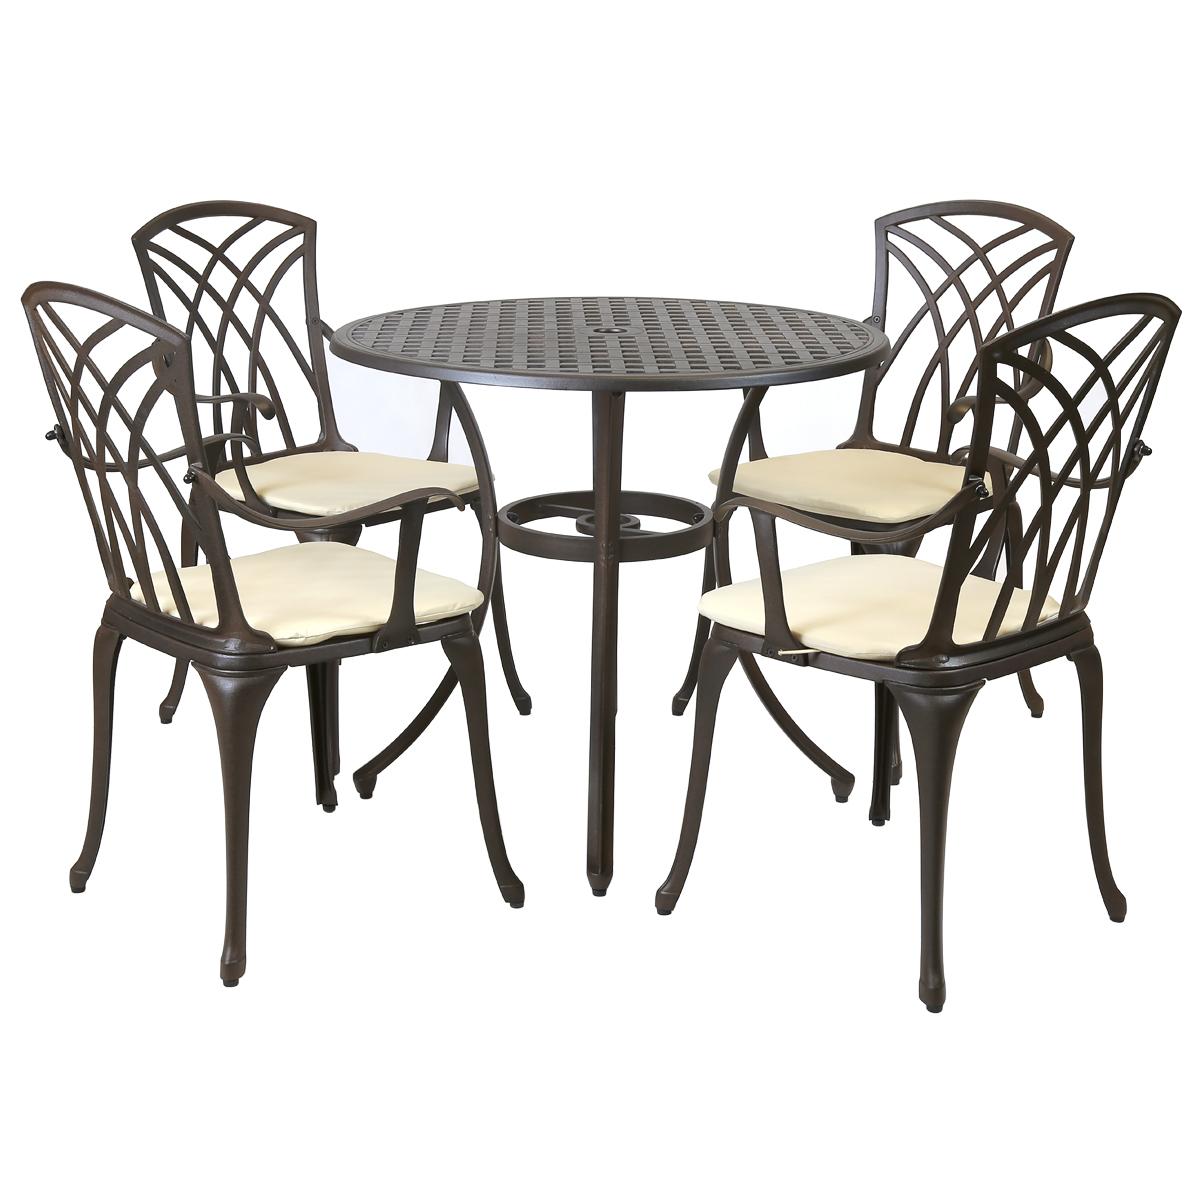 Excellent Cast Aluminium 4 Seater Dining Set Evergreenethics Interior Chair Design Evergreenethicsorg